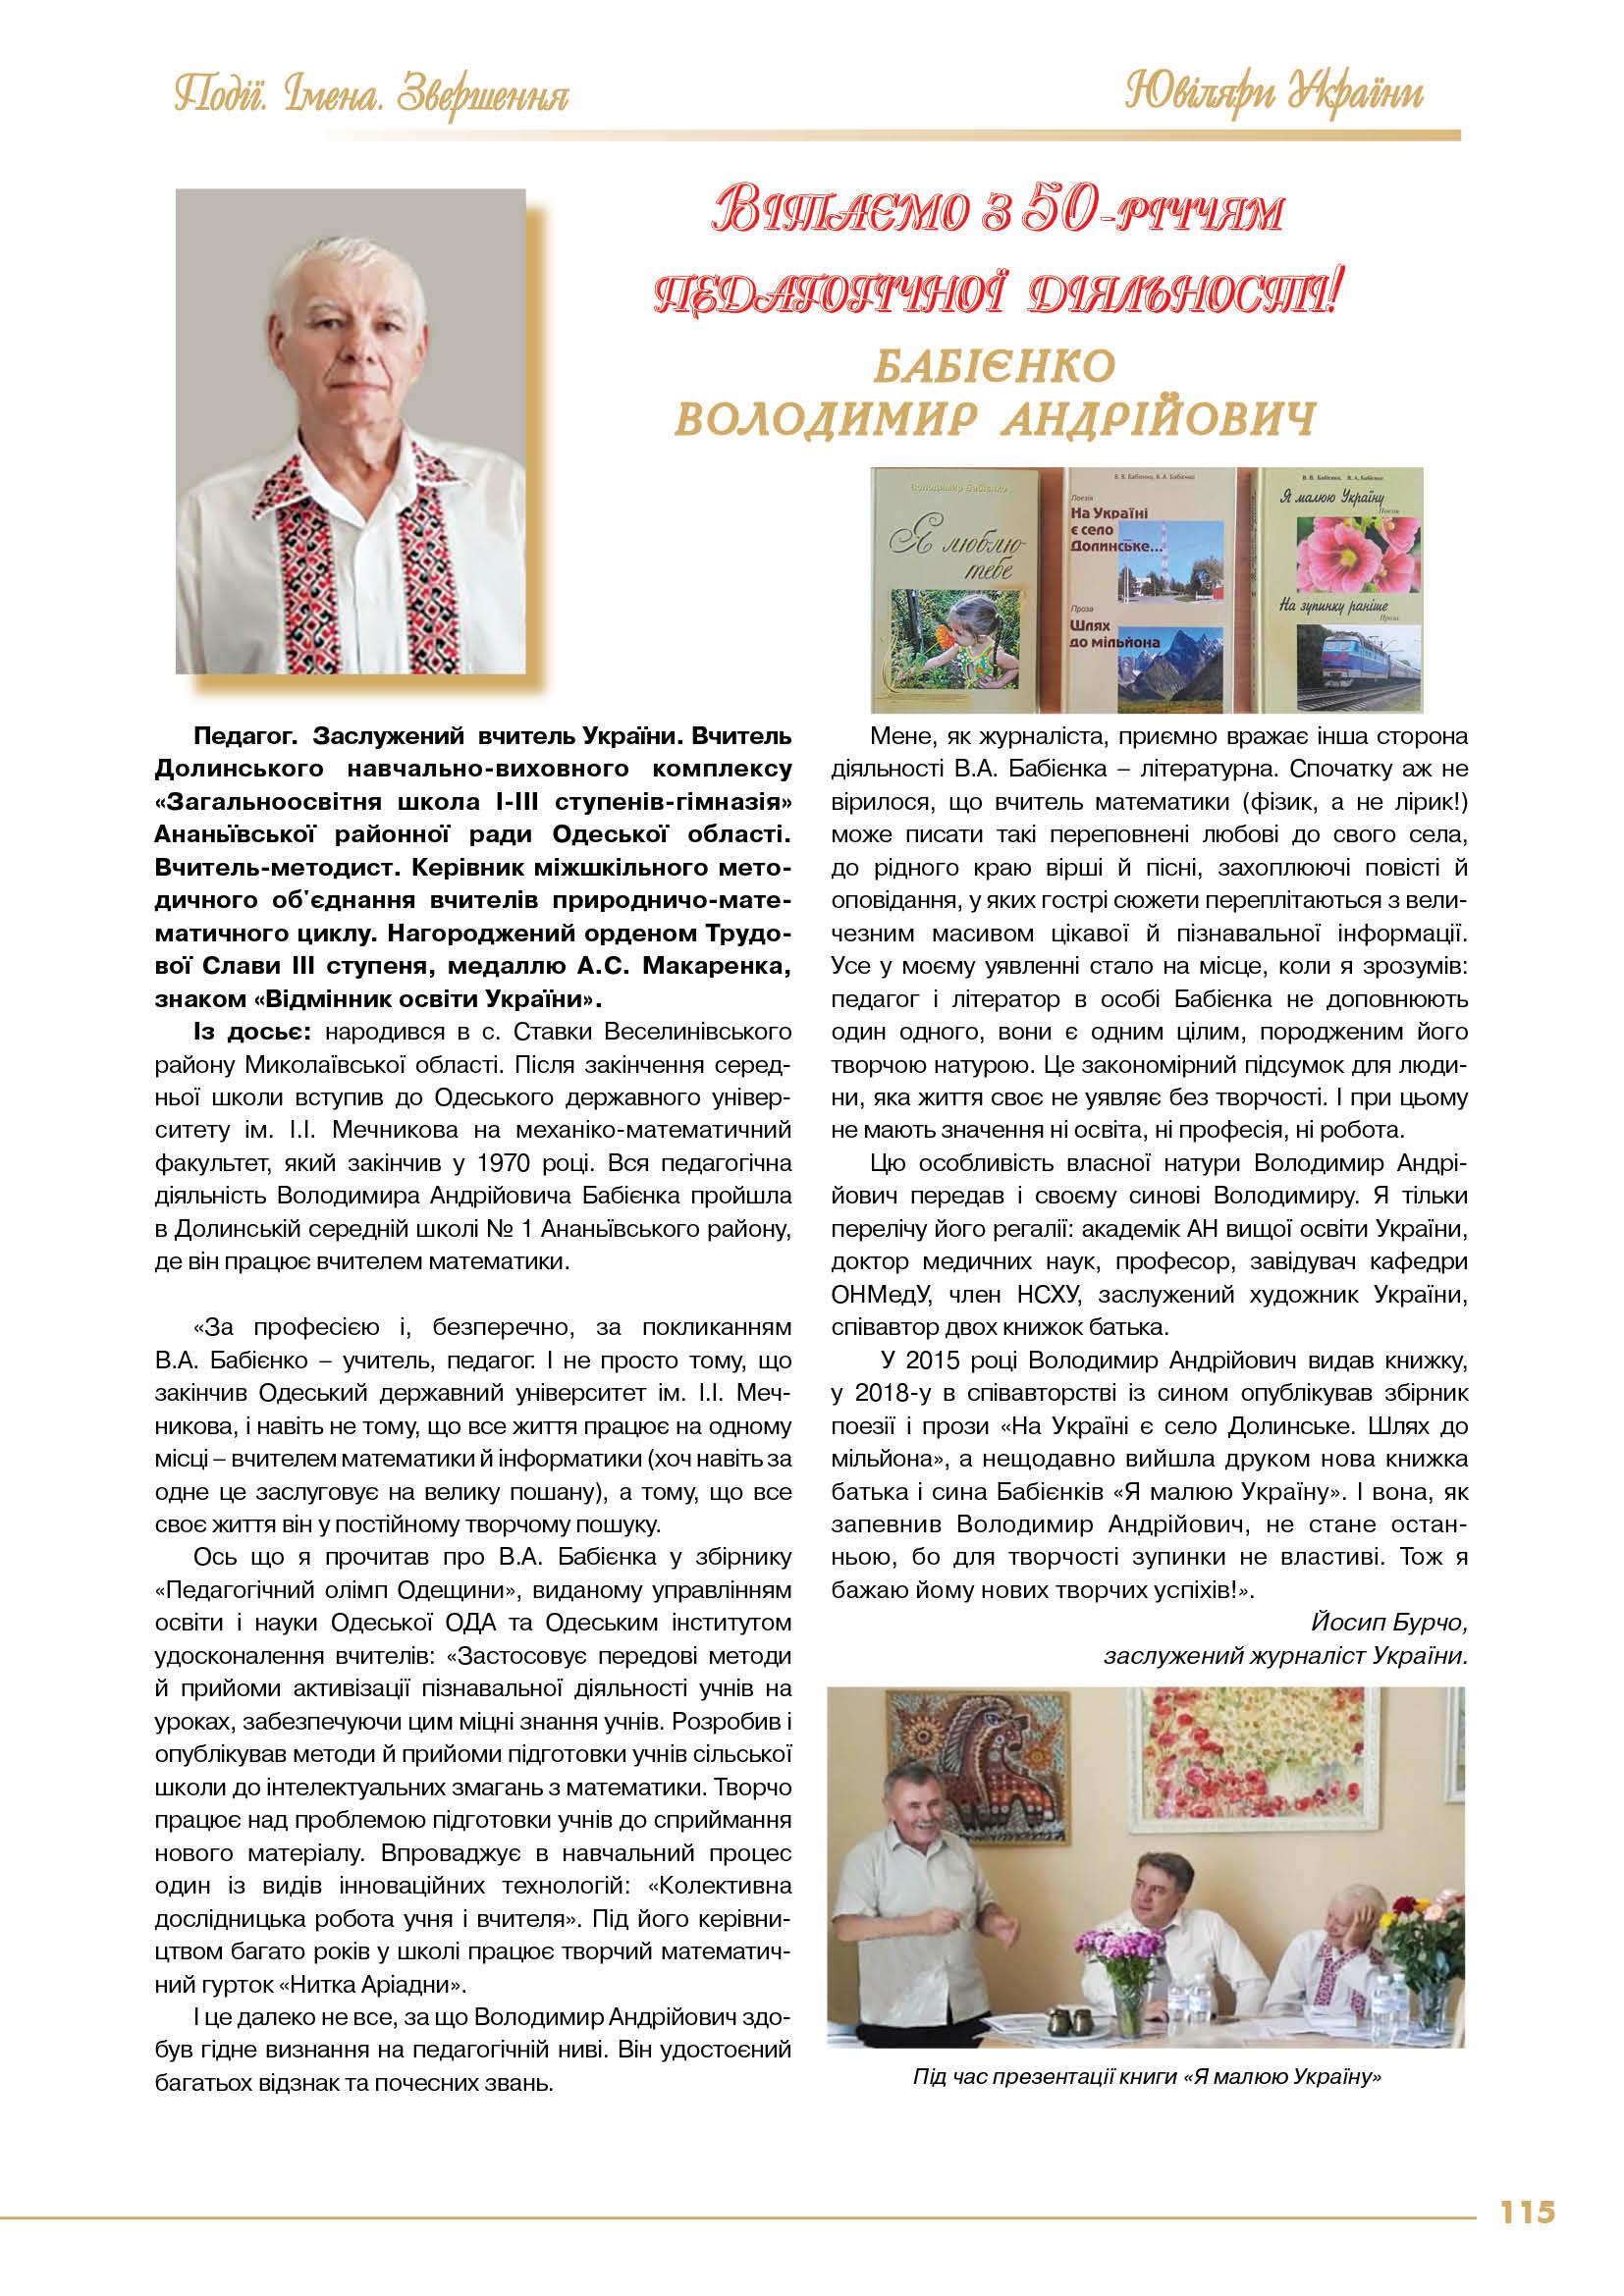 Бабієнко Володимир Андрійович